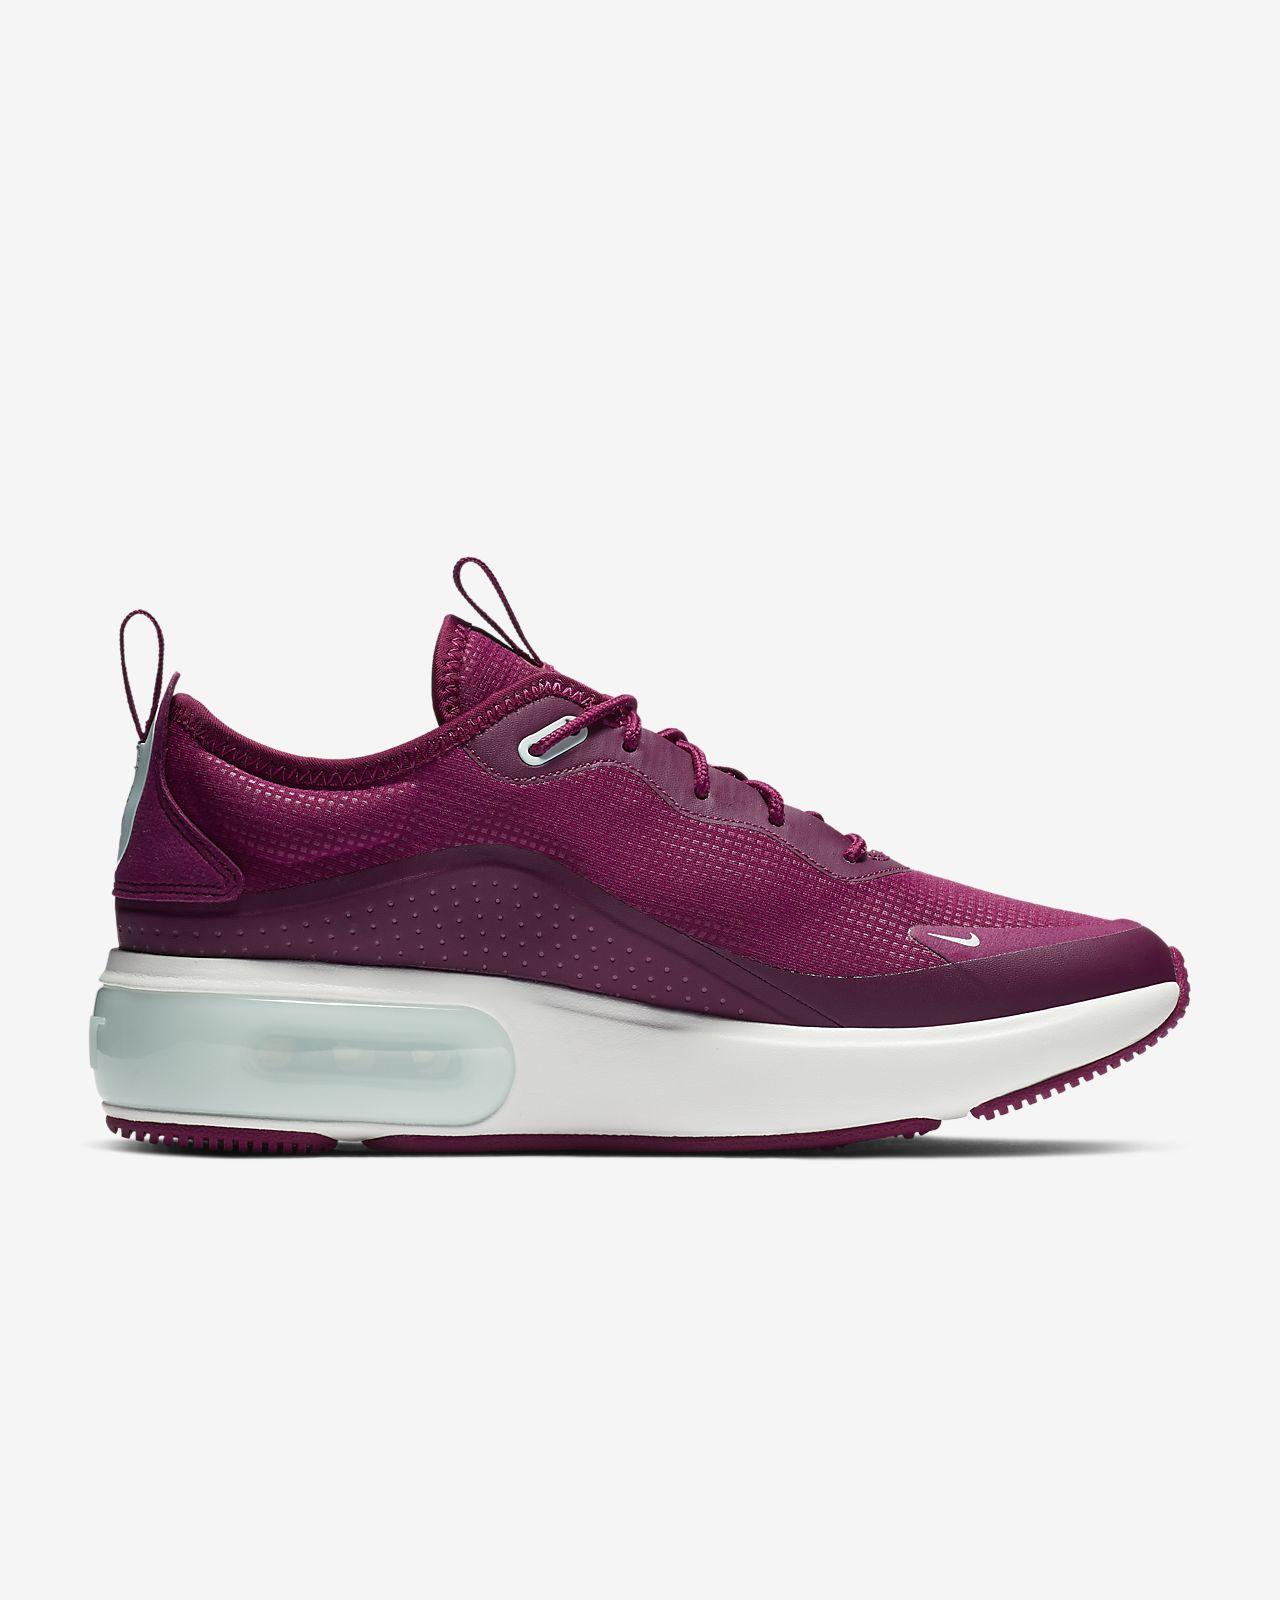 Dia Air Nike Max Chaussure Dia Nike Chaussure Chaussure Max Air 8nk0ONwXZP